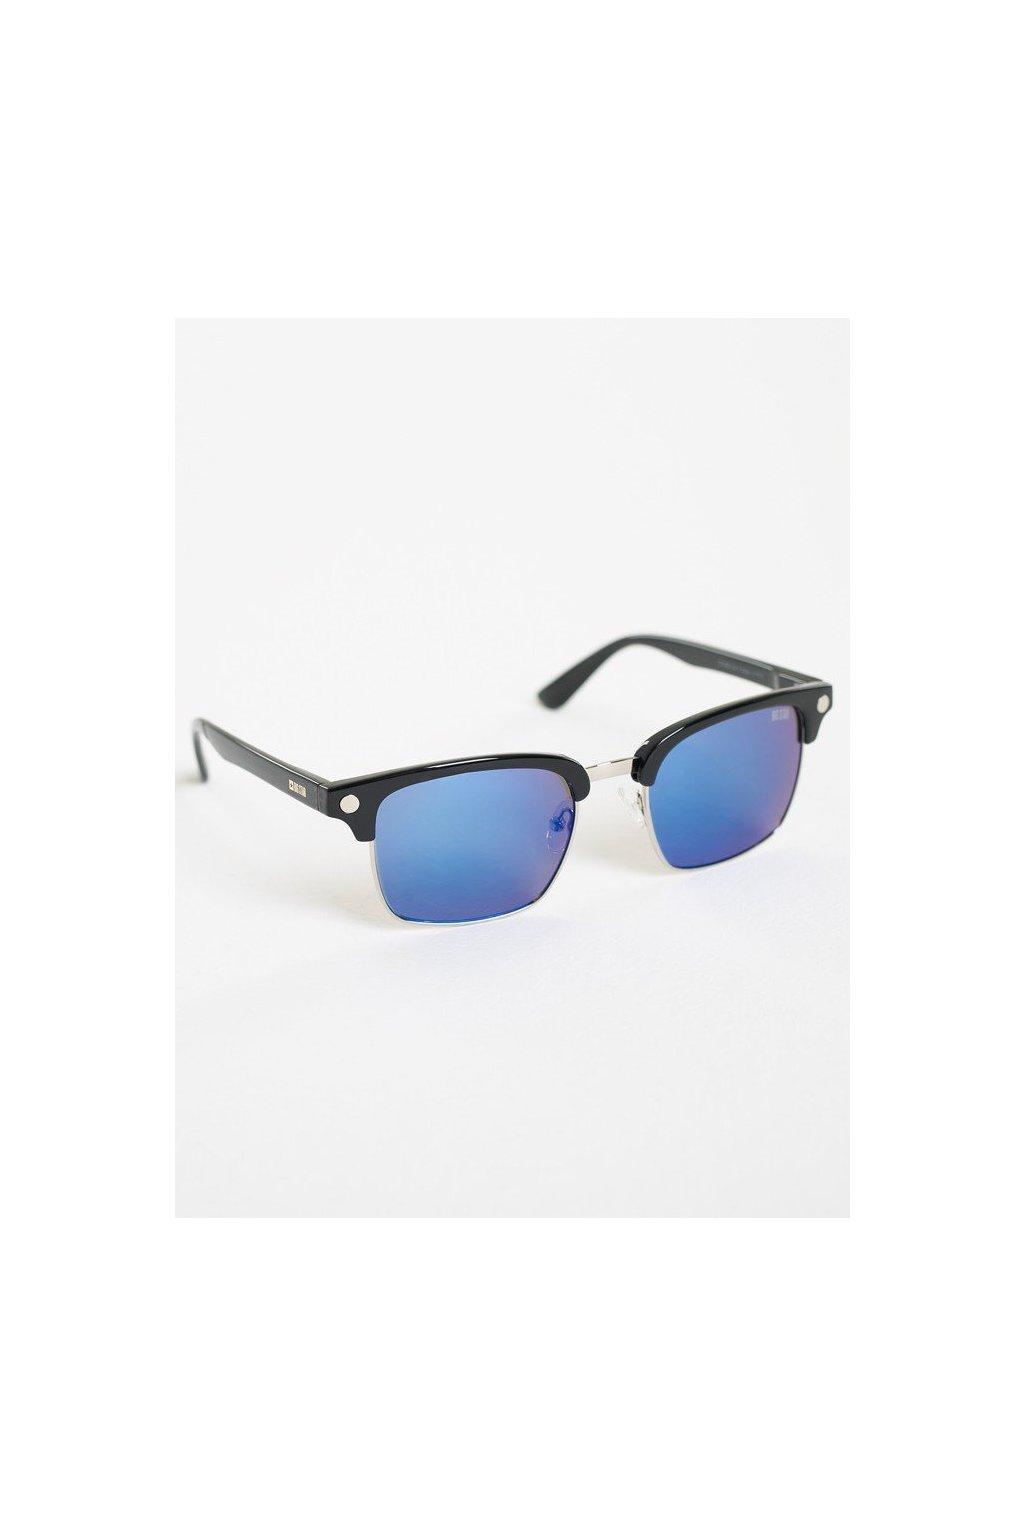 Módne slnečné okuliare BS Z74099